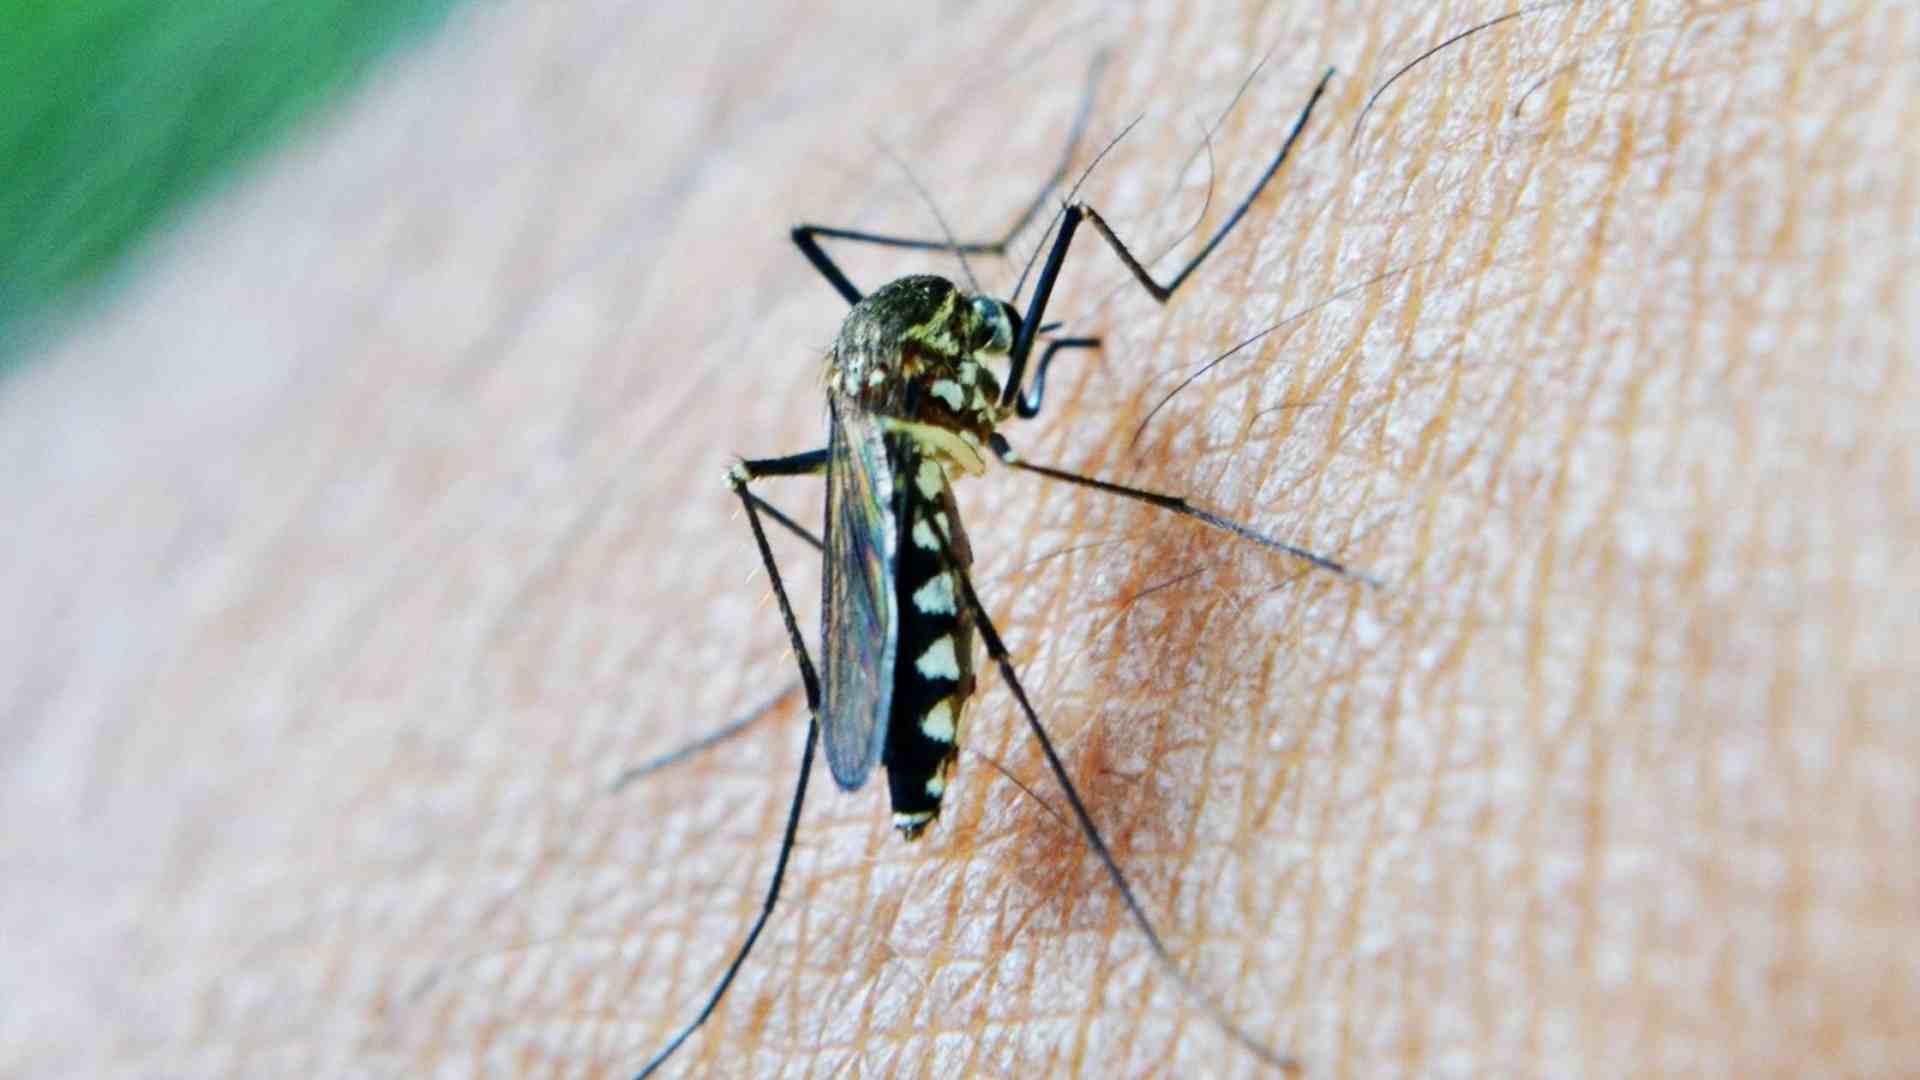 Fastidiose punture di zanzare ed insetti vari Qual è la soluzione migliore